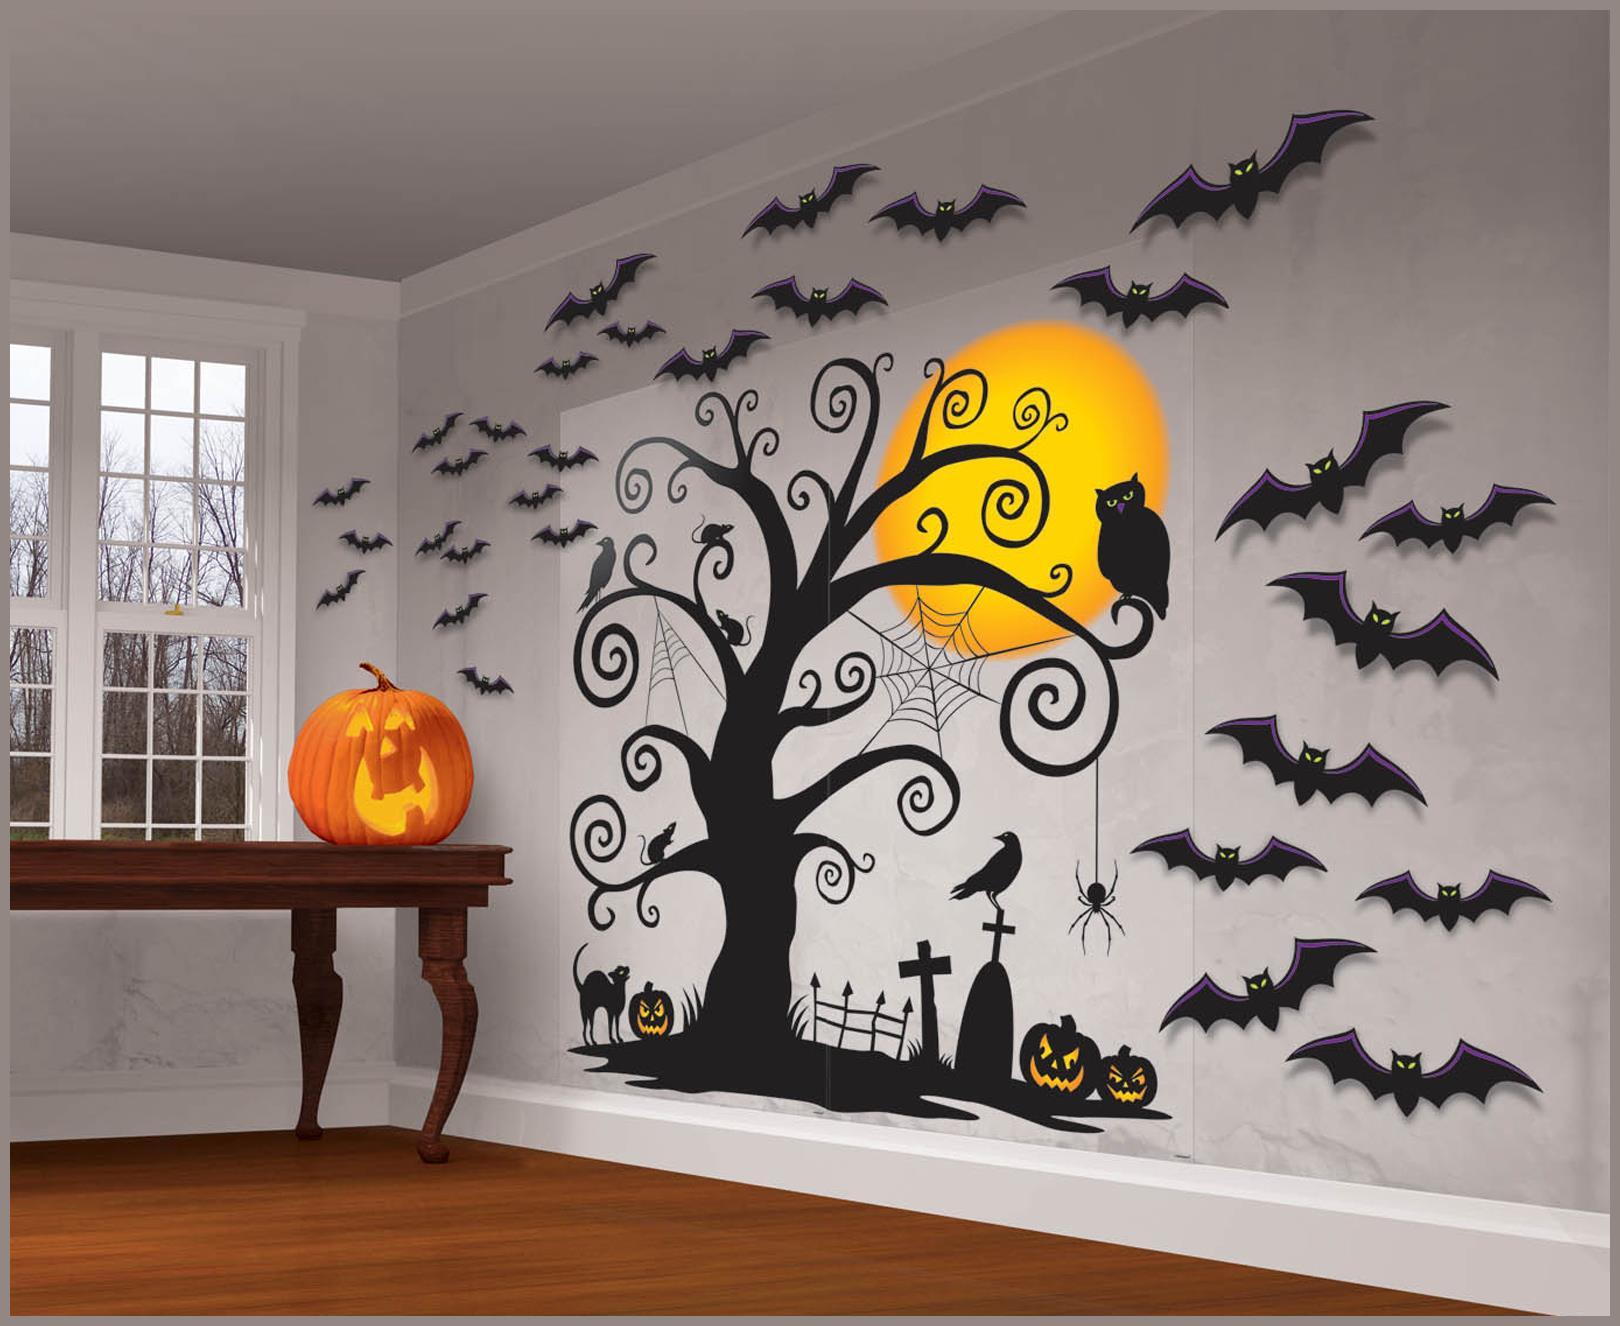 работают экестендеры, хэллоуин как украсить картинки фото дерева приведено